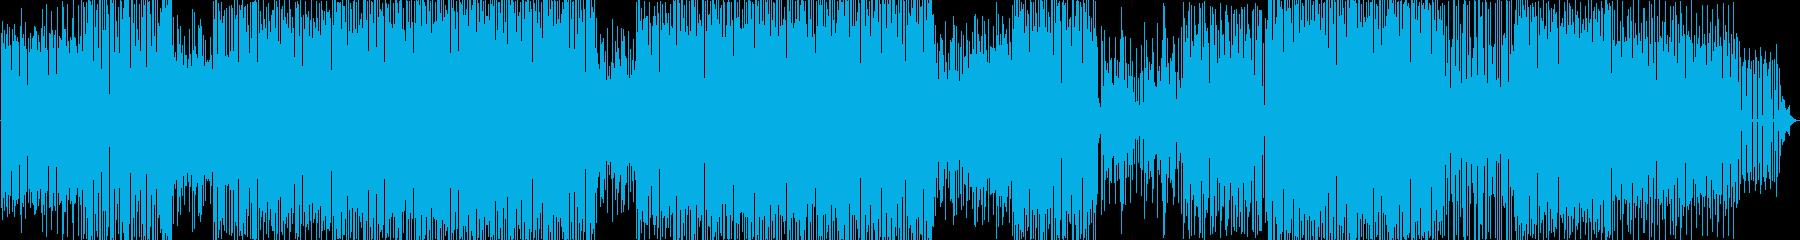 プログレッシブハウスの再生済みの波形